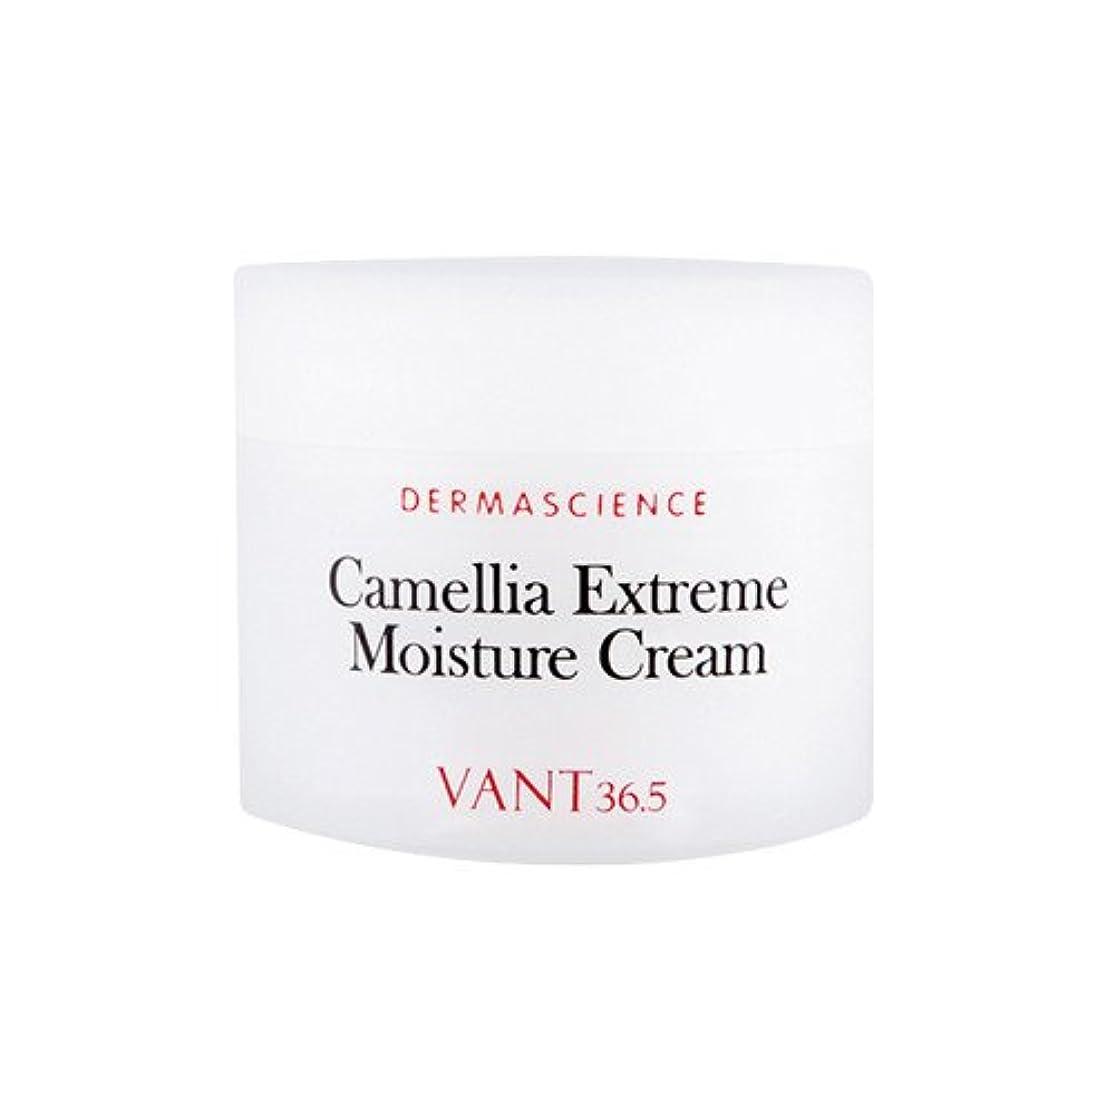 建物竜巻息切れバント36.5(VANT36.5) カメリア イクストリーム モイスチャー クリーム?Camellia Extreme Moisture Cream